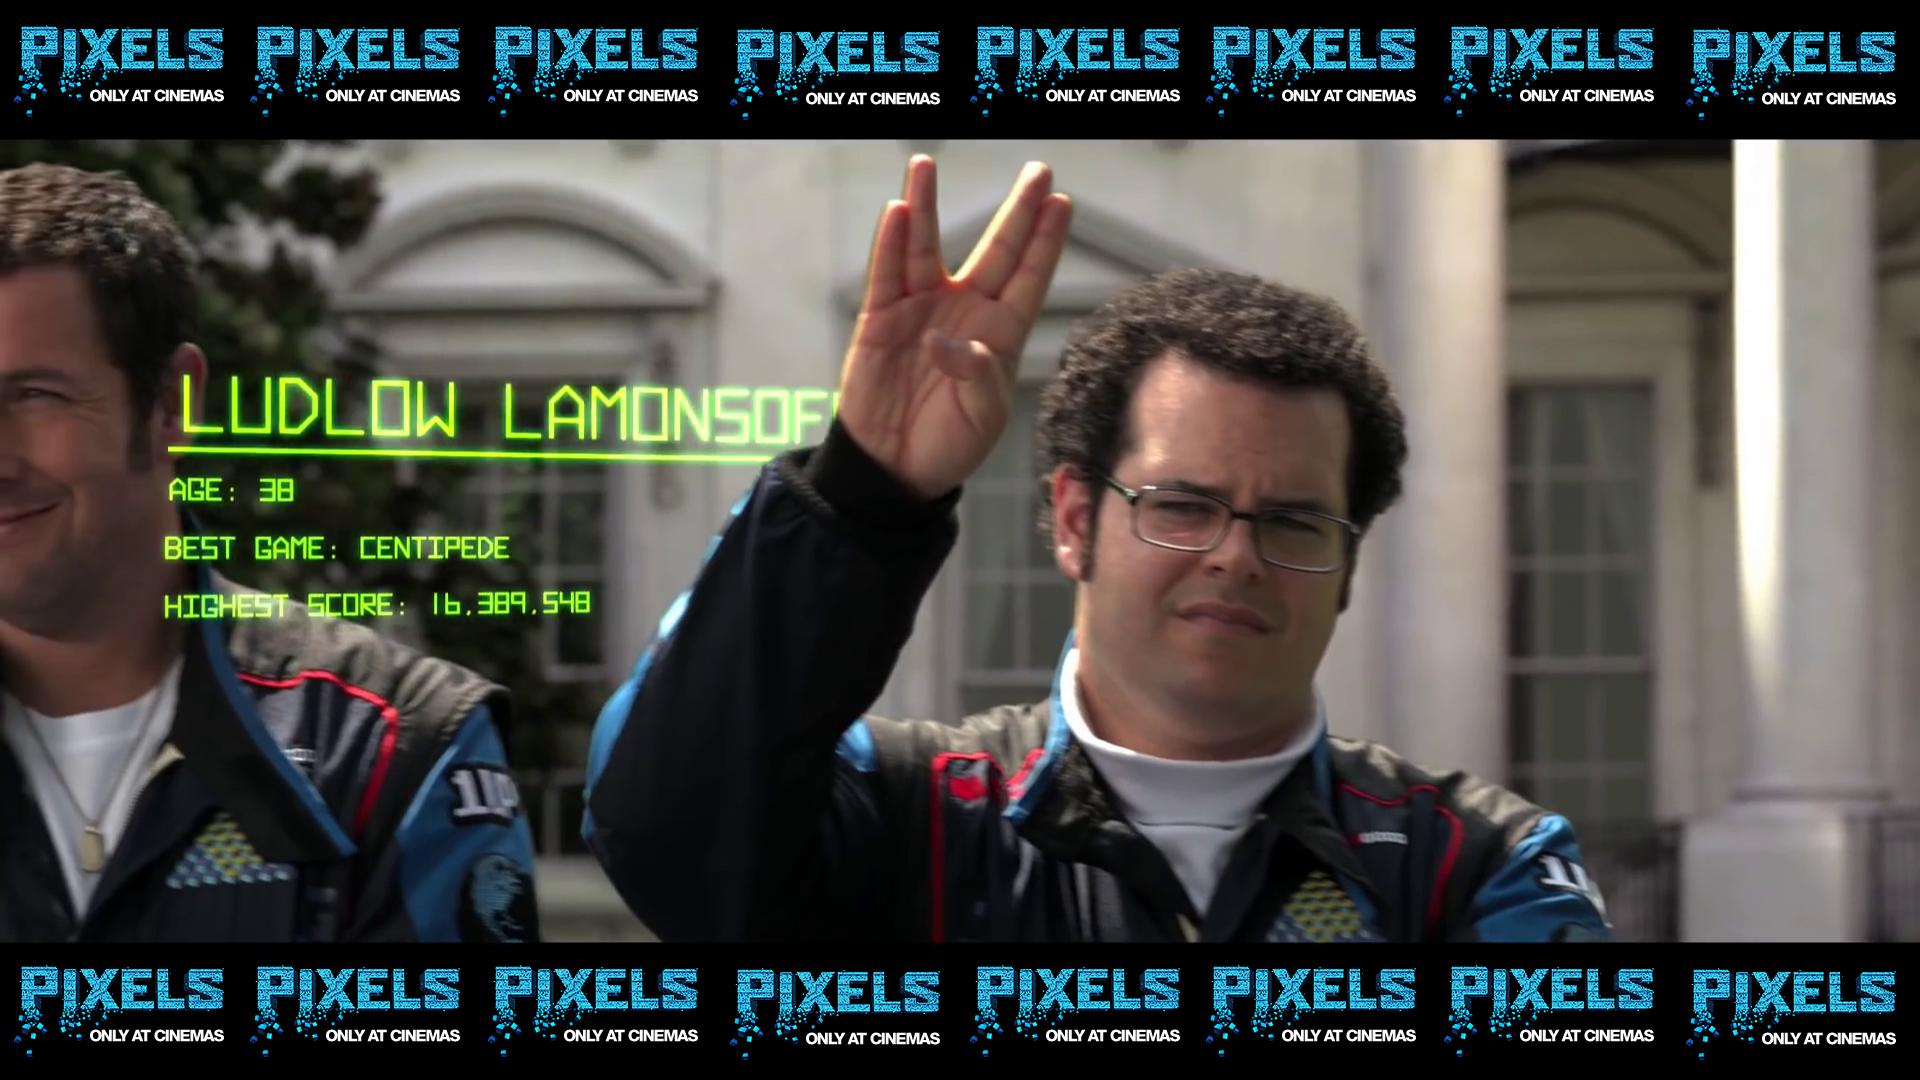 Fantastic Wallpaper Movie Pixels - pixels_2015_movie_hd_stills_wallpapers_05w  Pic_92806.jpg